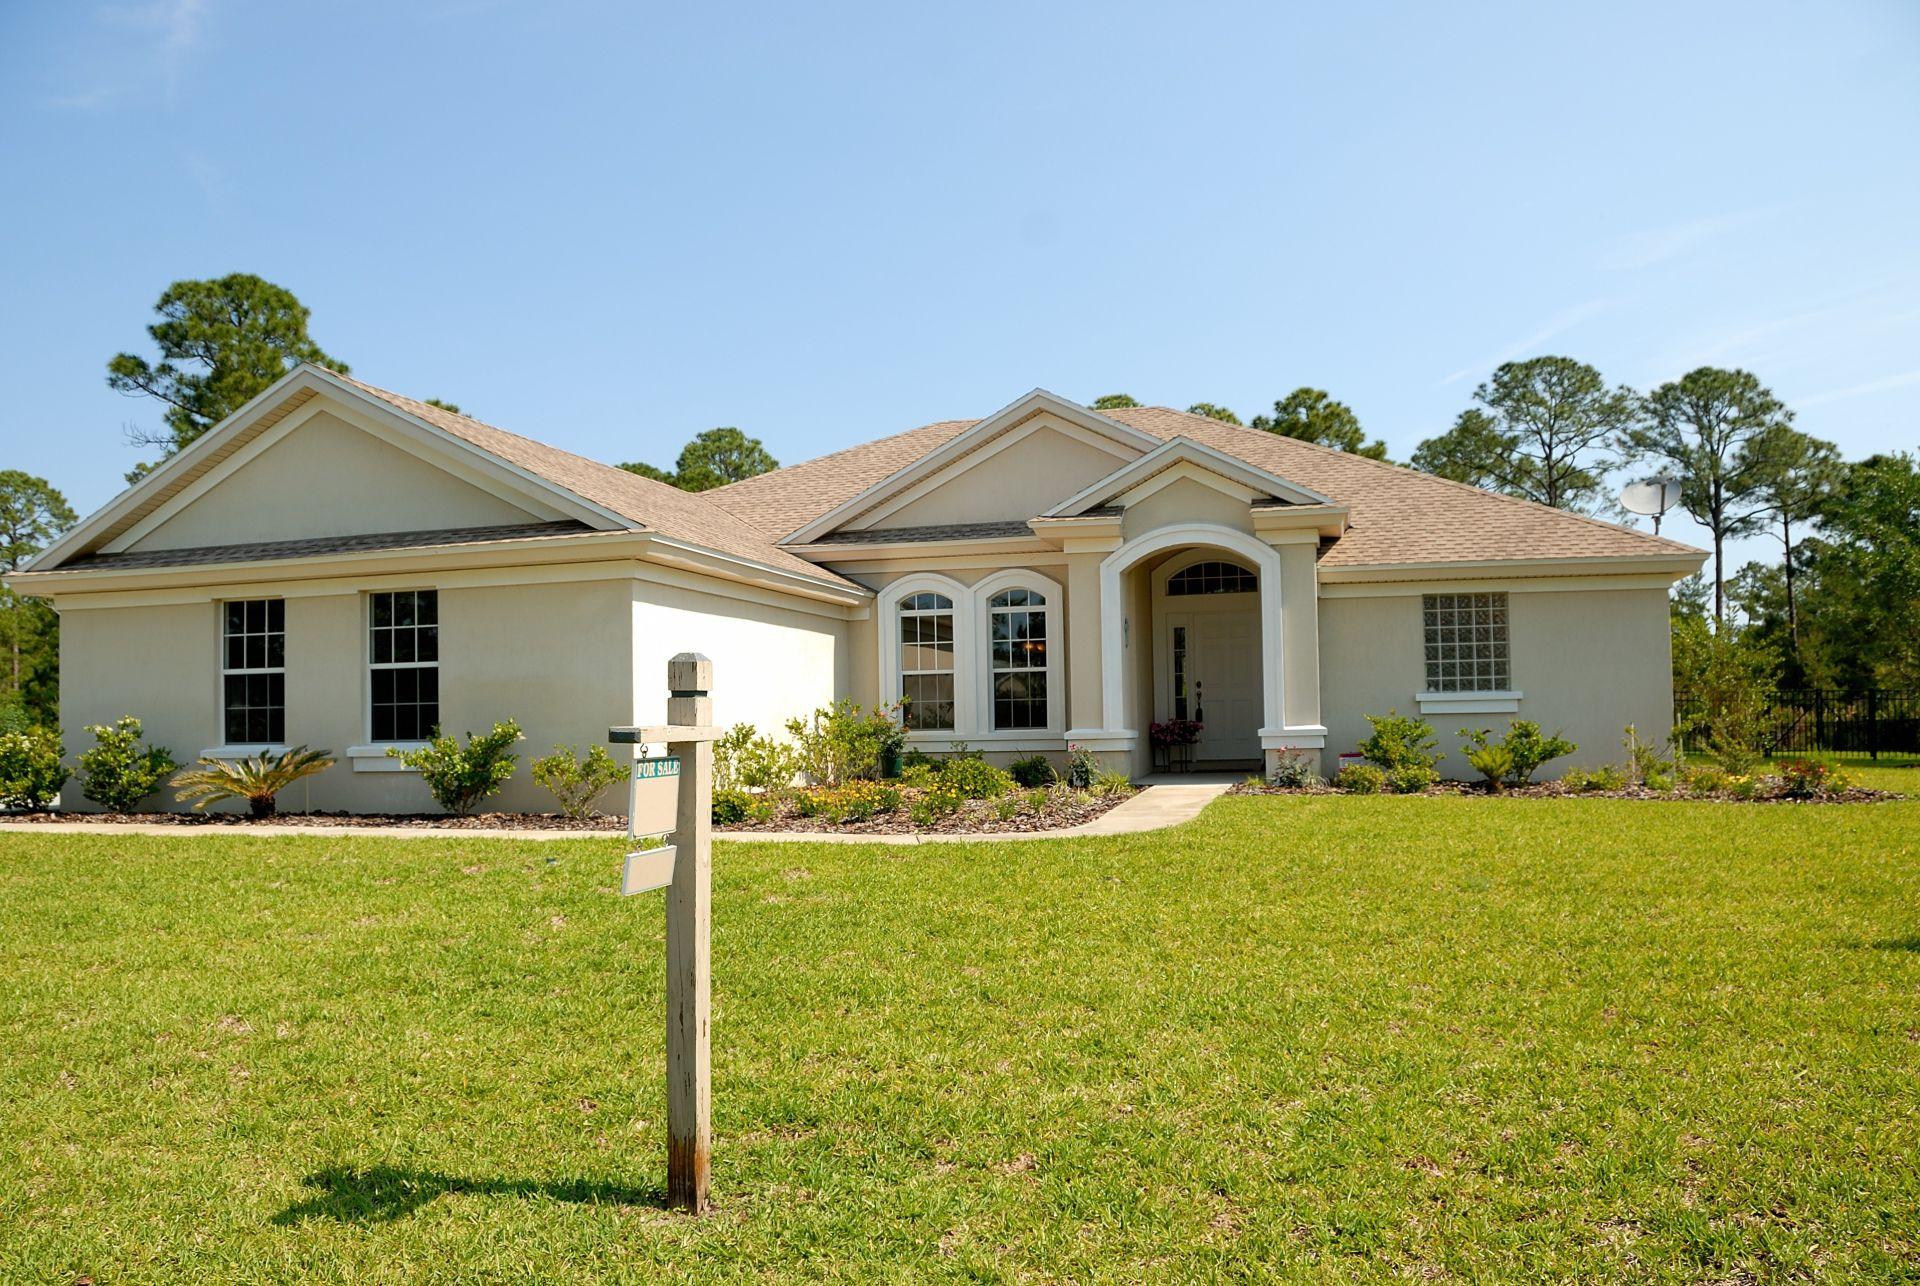 Santa Barbara Homes for Sale in Boca Raton